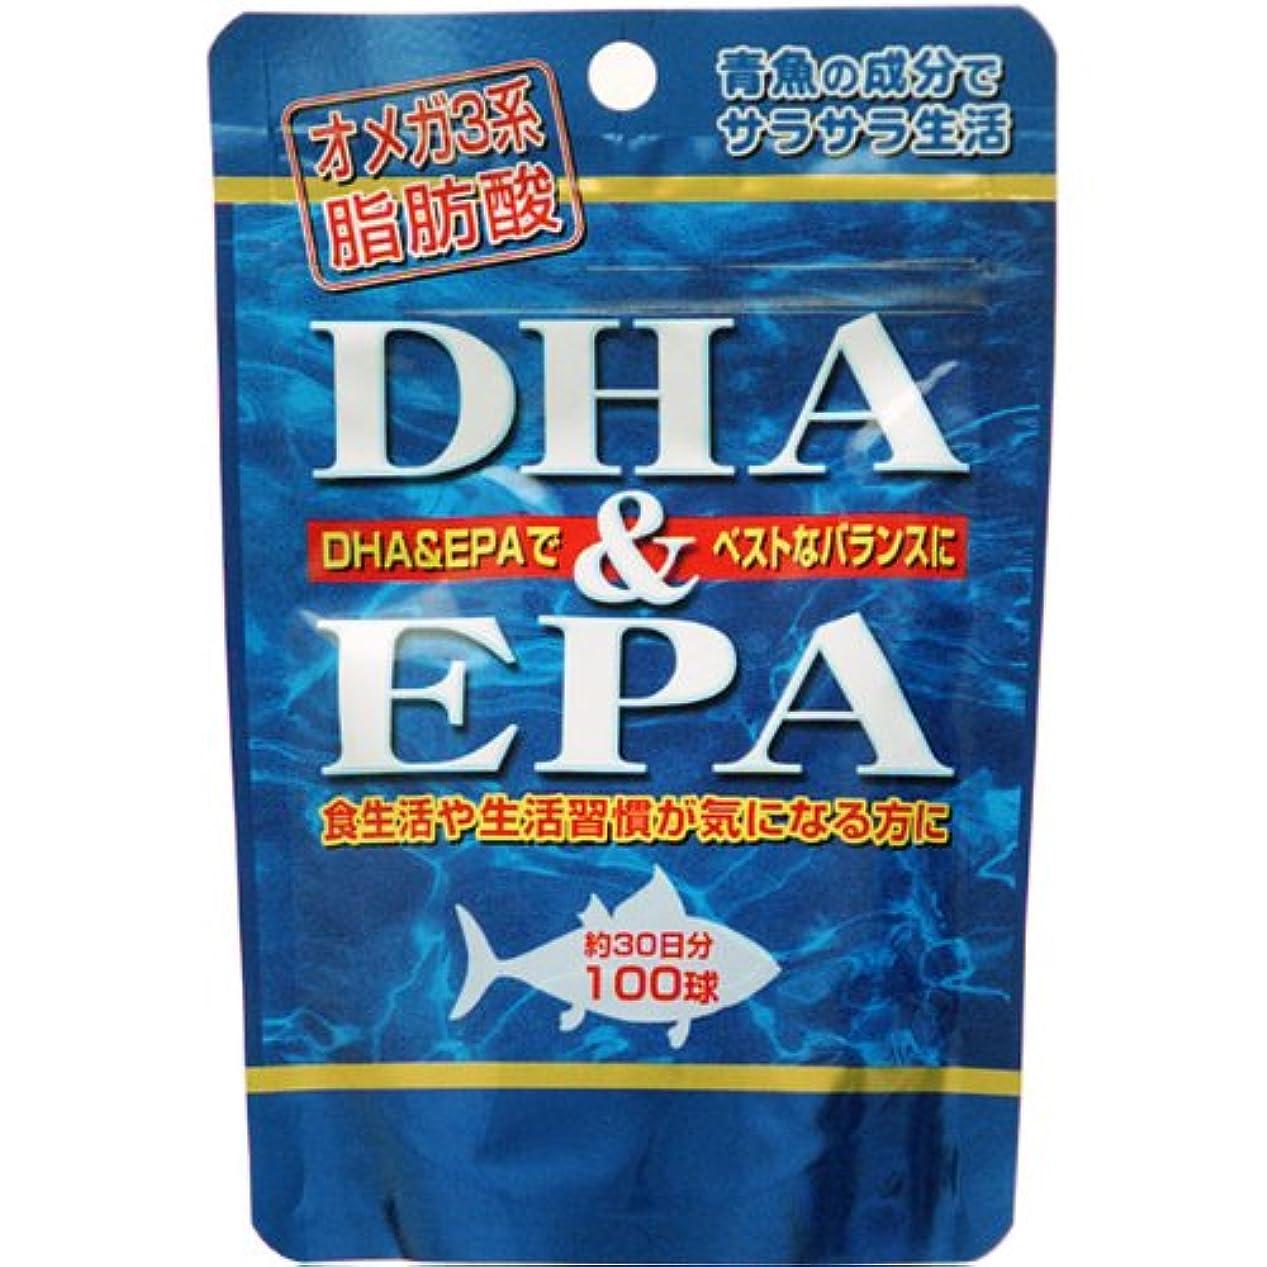 ありがたい桃融合DHA(ドコサヘキサエン酸)&EPA(エイコサペンタエン酸)×4